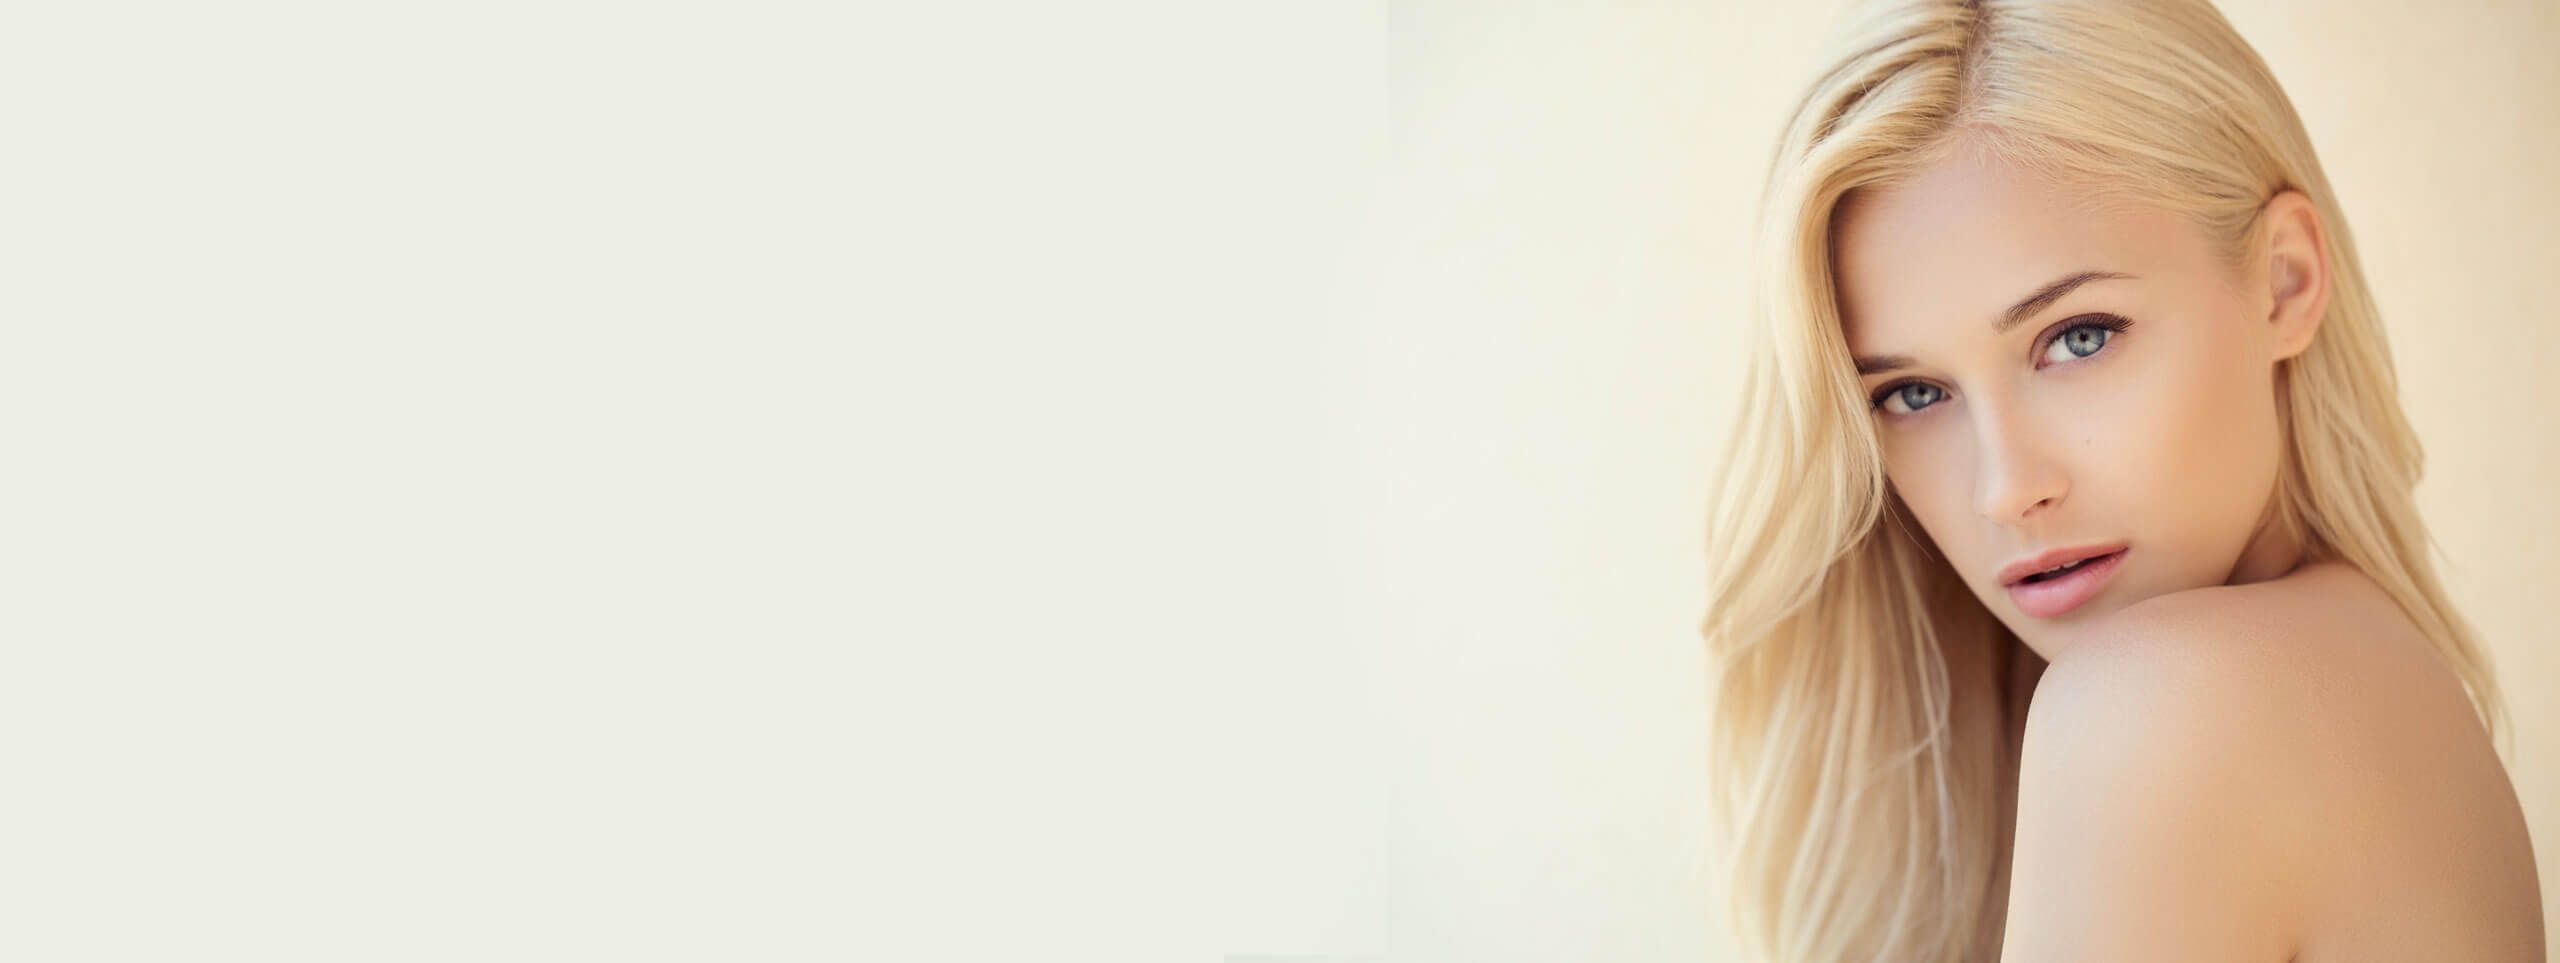 Kobieta z farbowanymi blond włosami